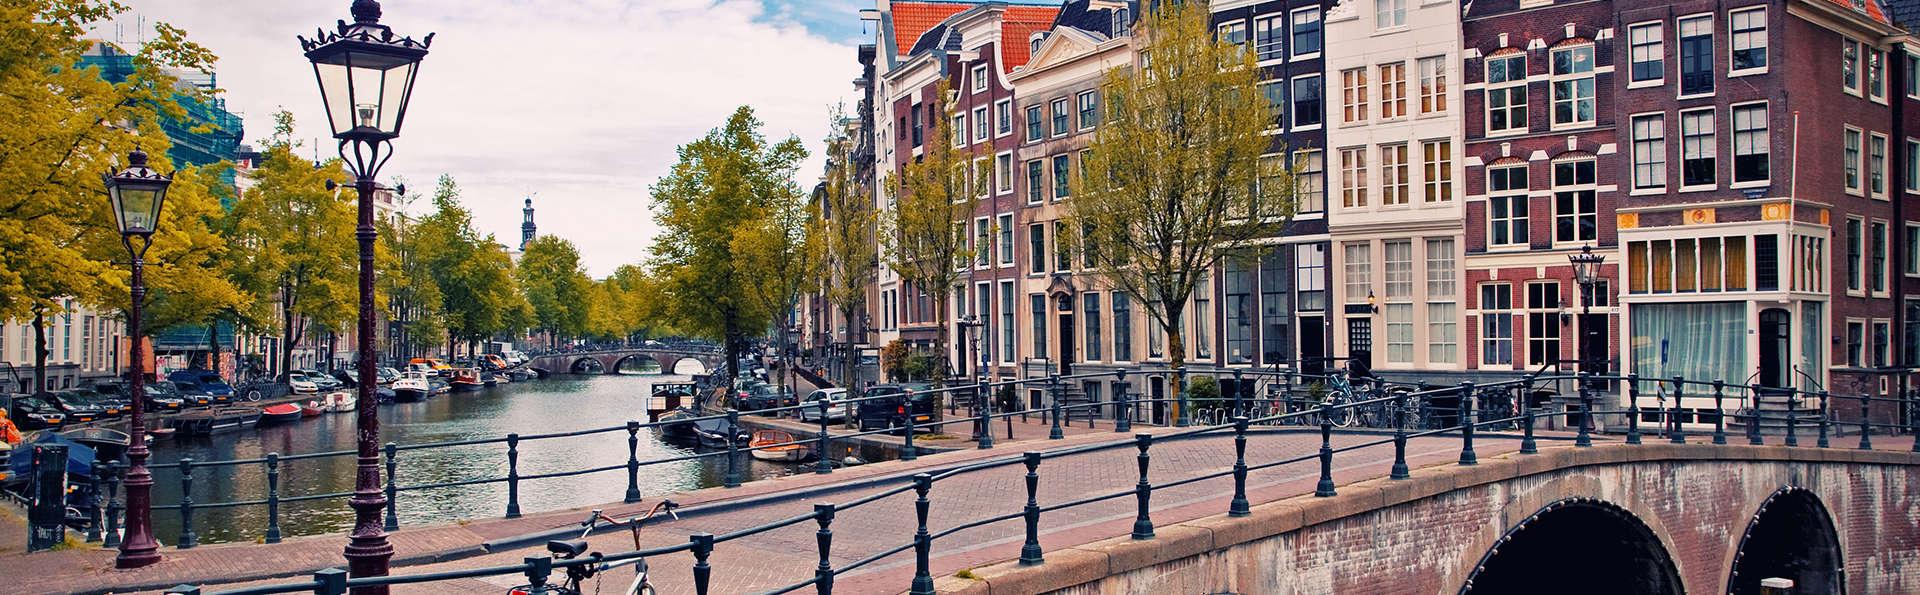 Descubre los barrios más bonitos de Ámsterdam en bicicleta